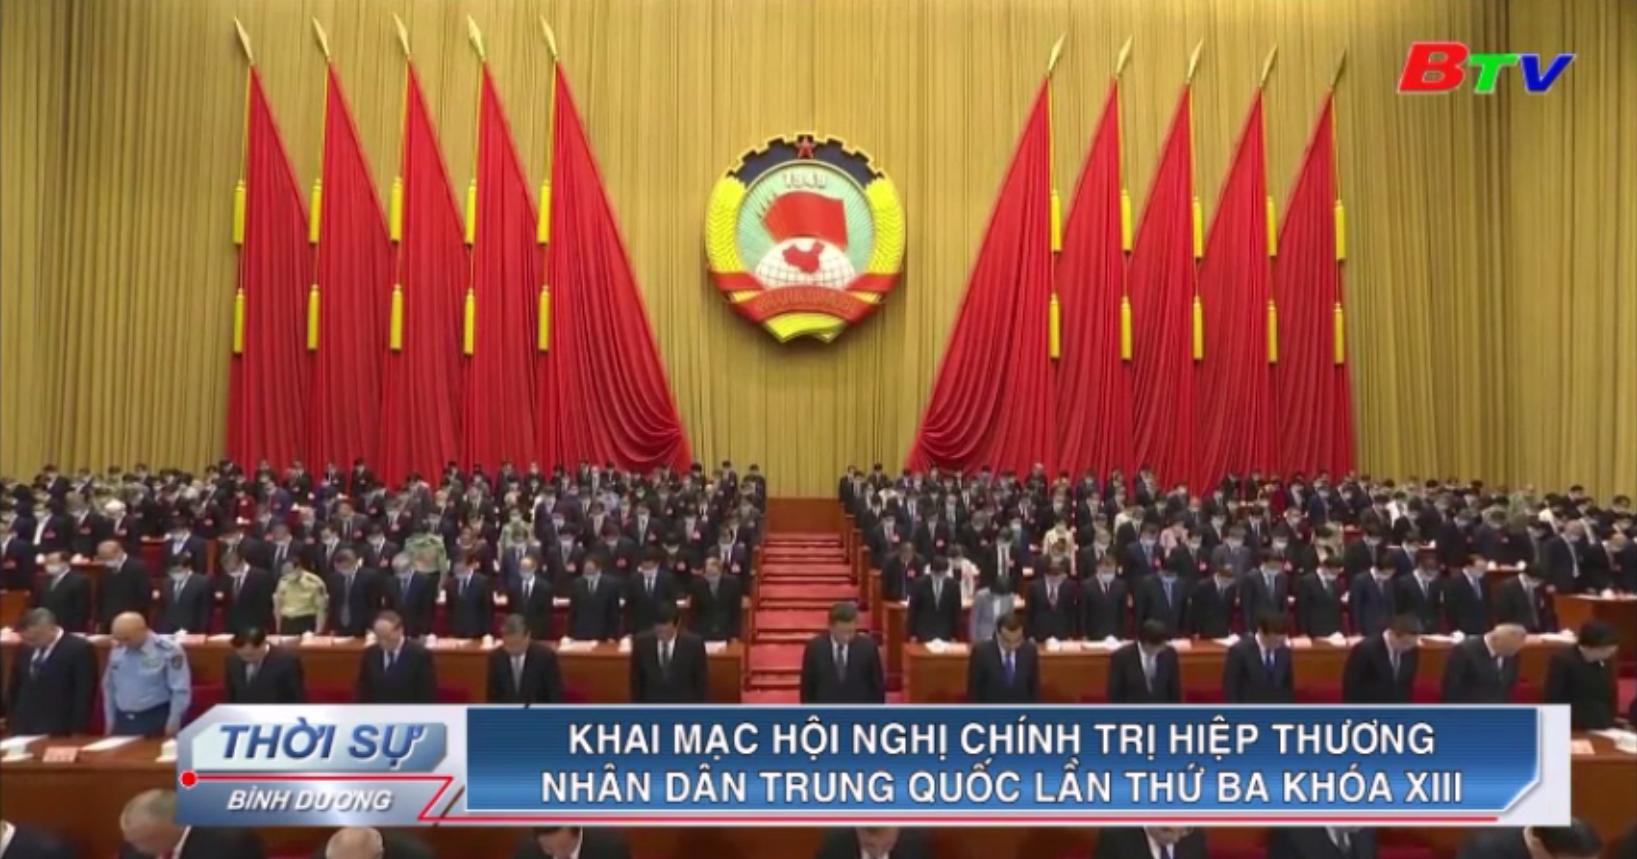 Khai mạc Hội nghị Chính trị Hiệp thương Nhân dân Trung Quốc lần thứ 3 khóa XIII